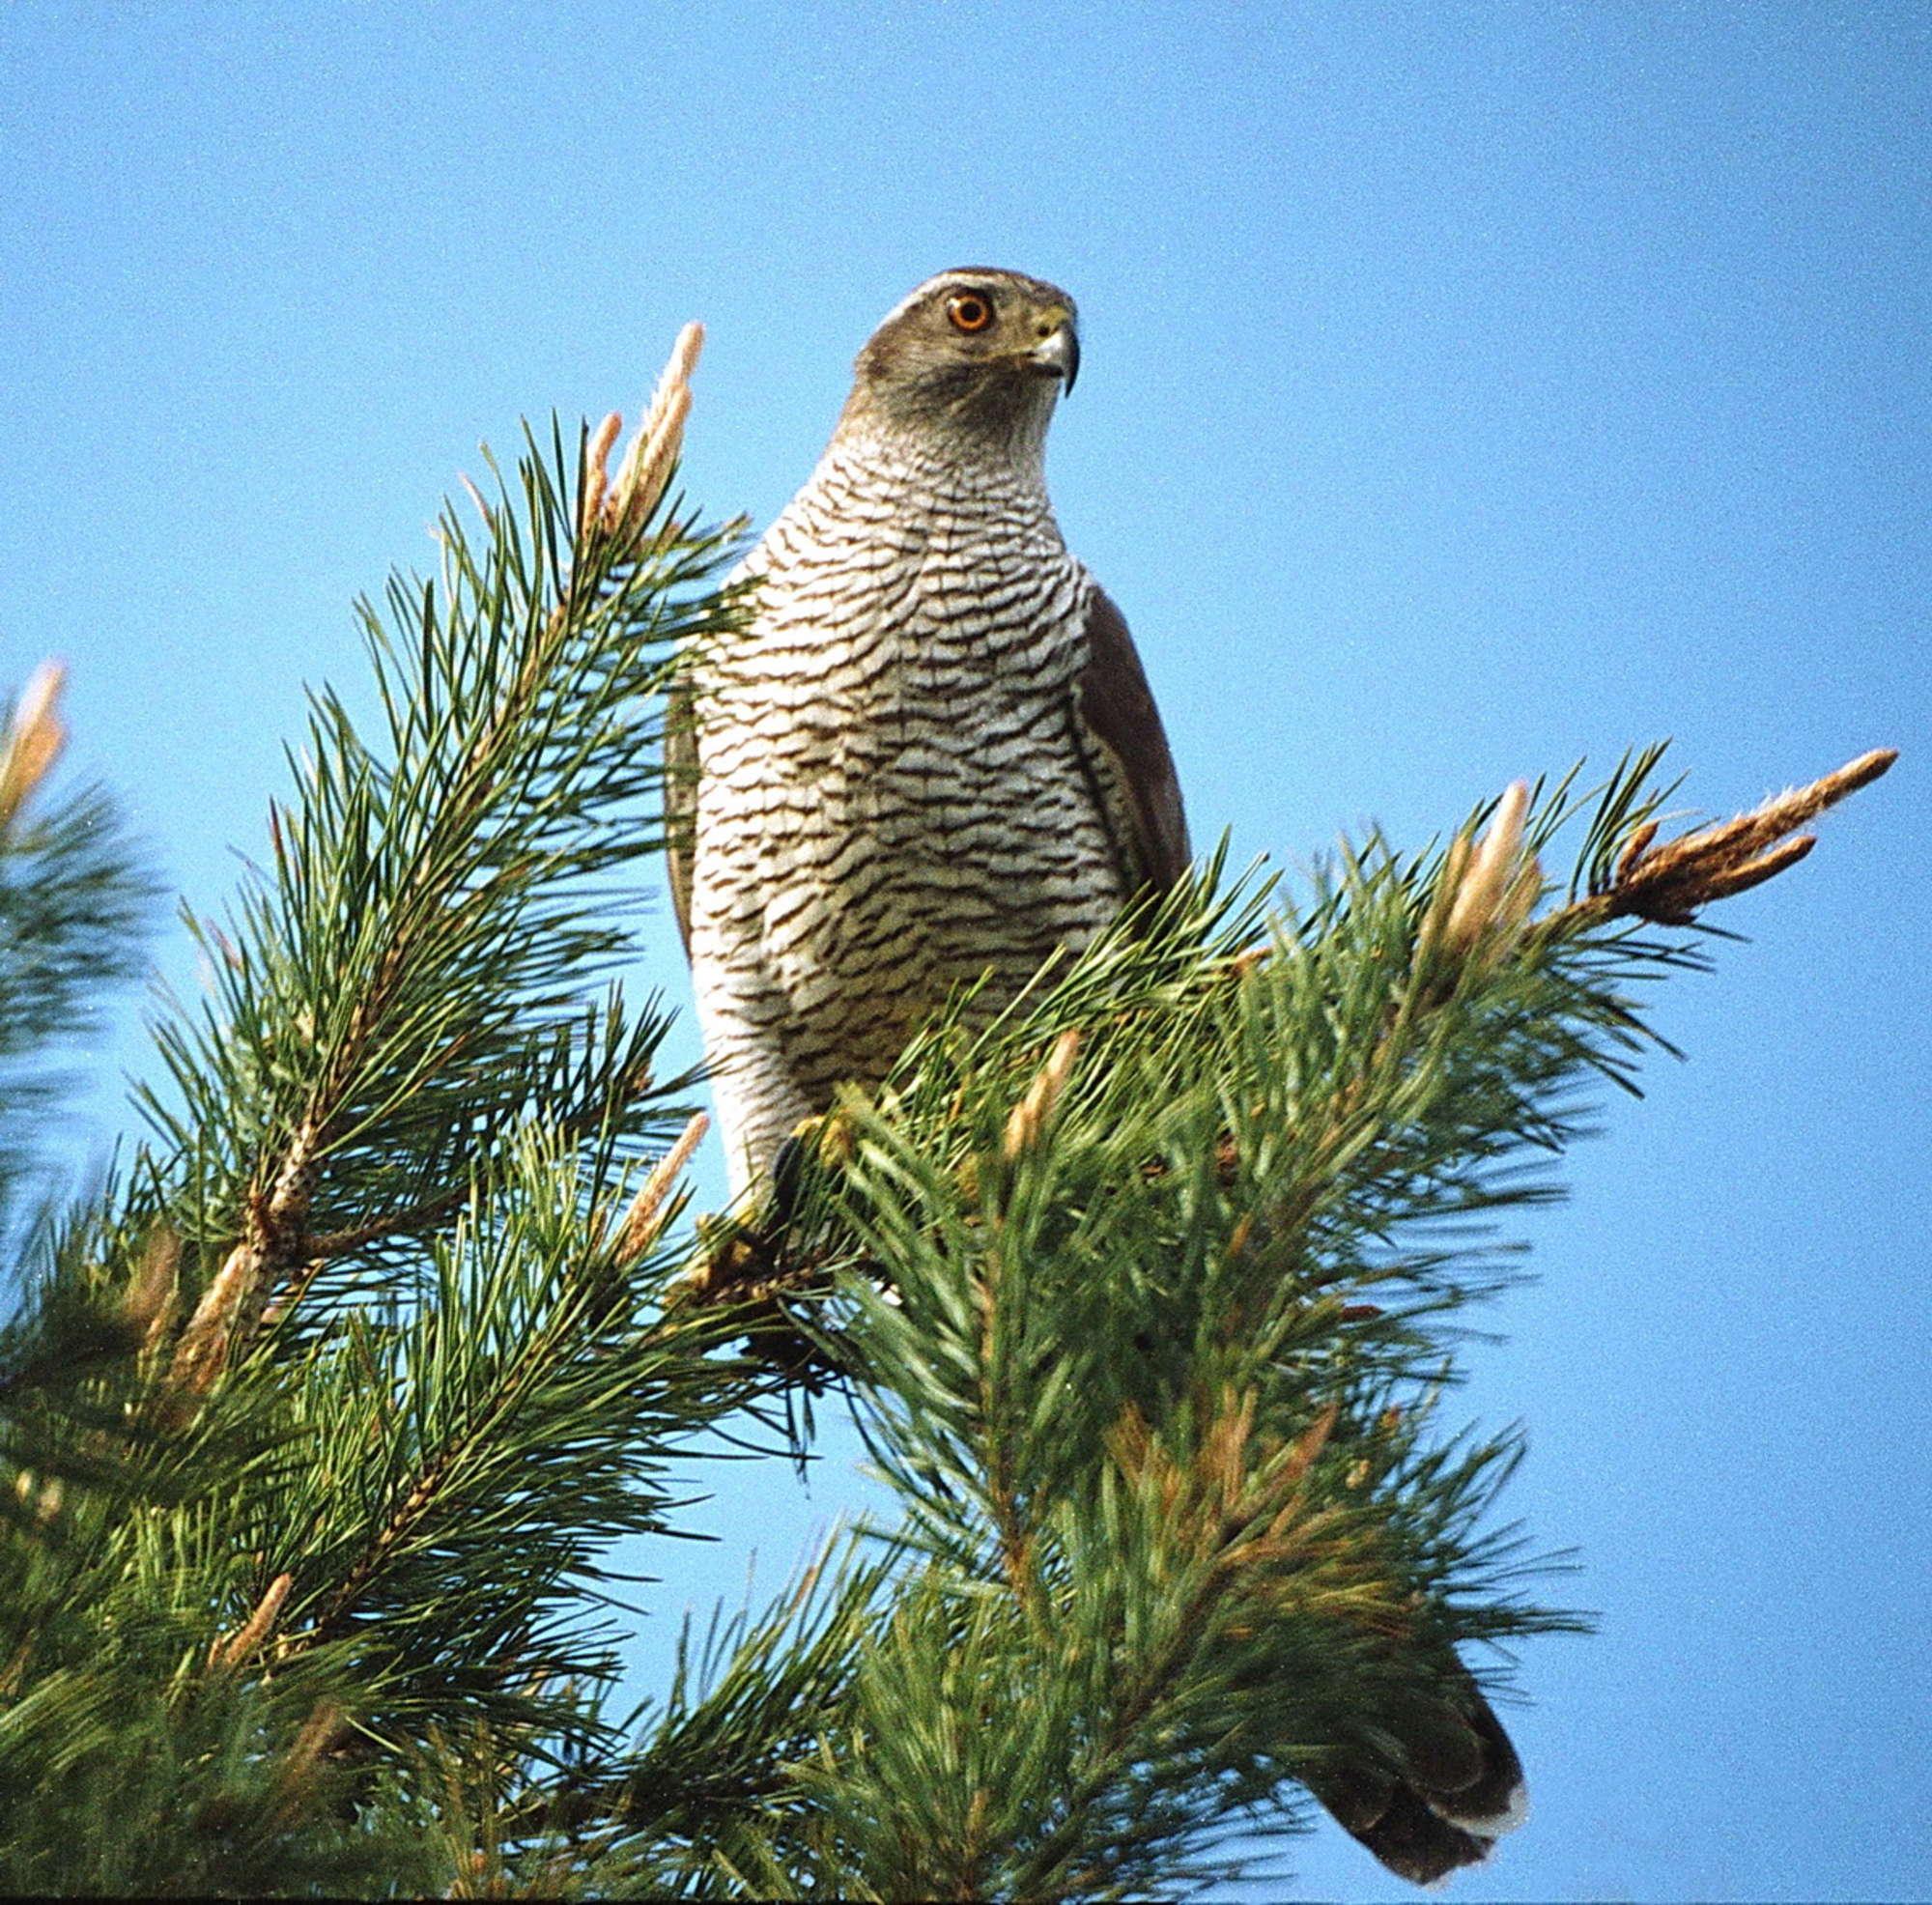 Ένα διπλοσάινο (αρπακτικό πουλί). Φωτο: Valeriy Yurko